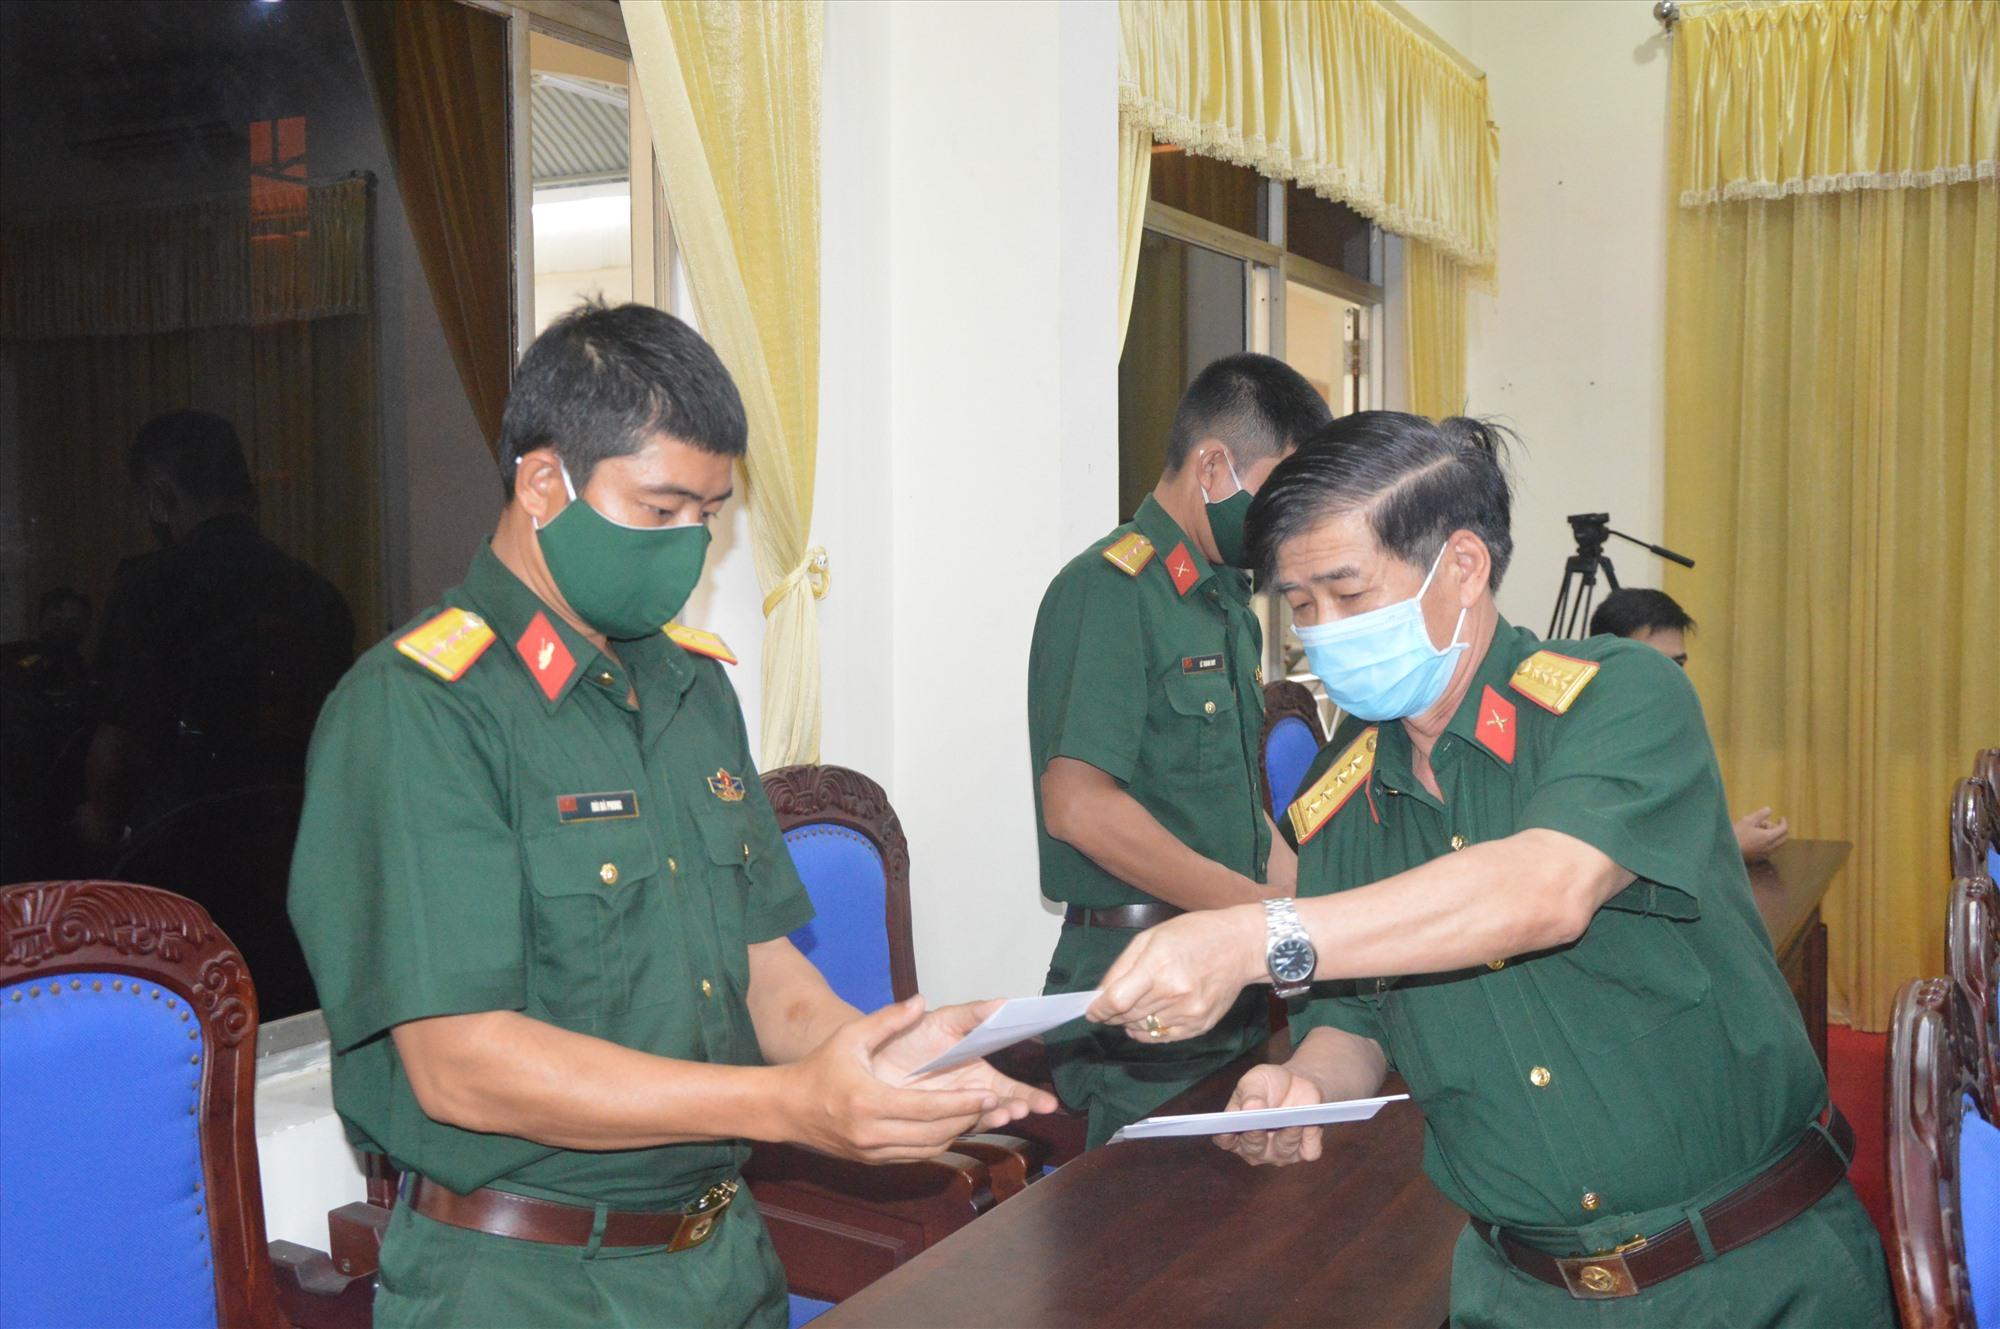 Lãnh đạo Bộ CHQS tỉnh trao tiền hỗ trợ cho quân nhân khó khăn do dịch Covid-19.